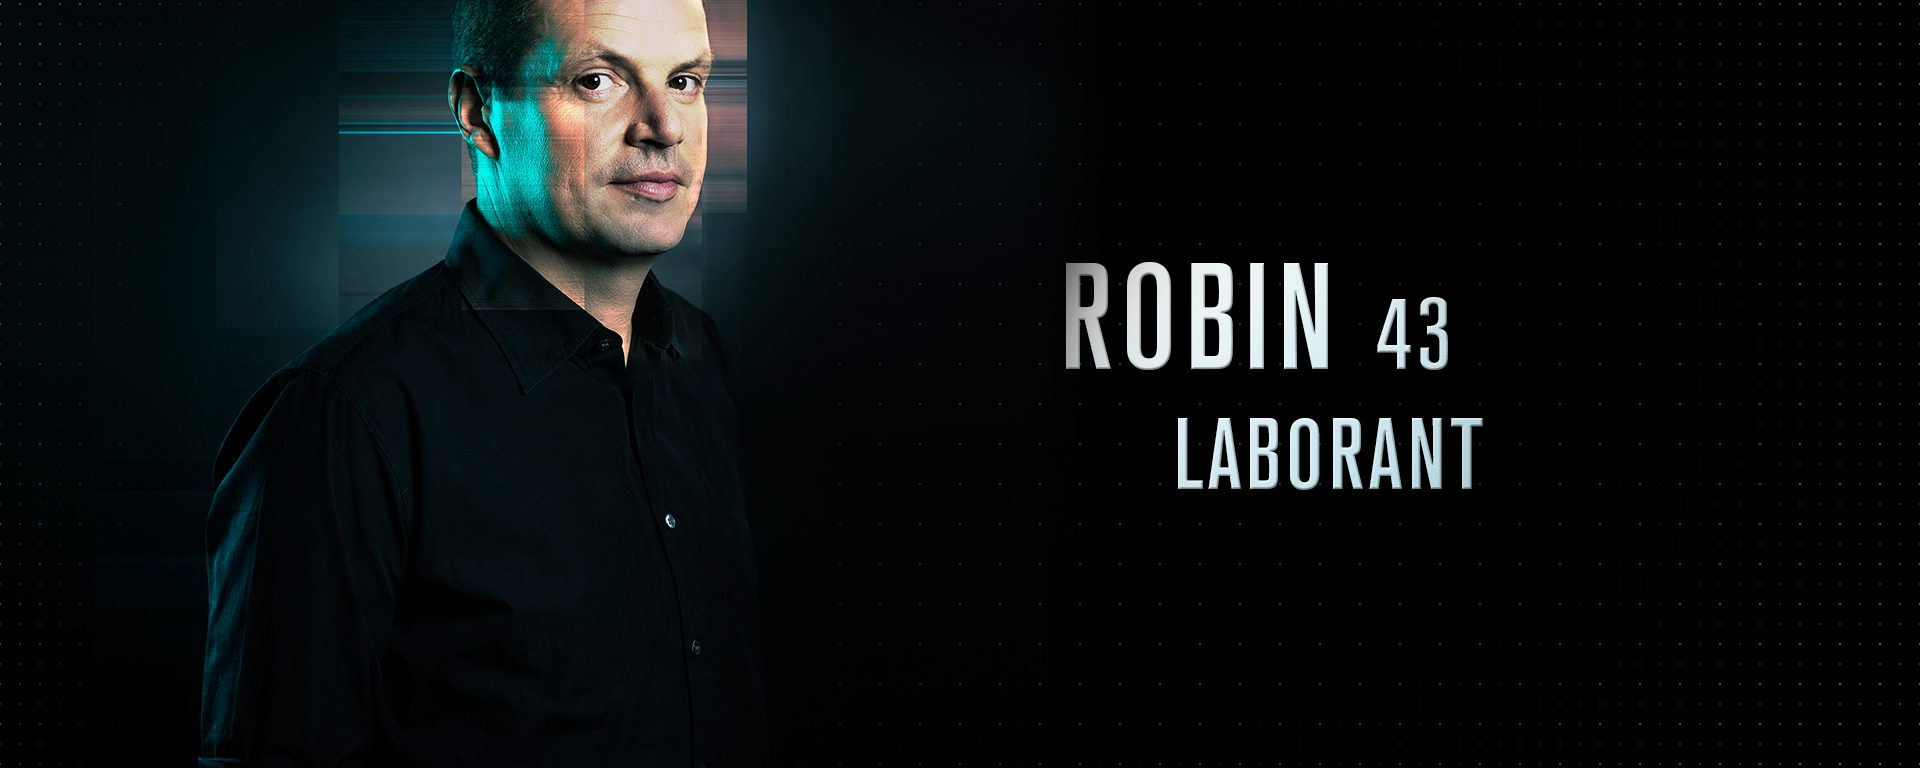 ROBIN-met-tekst